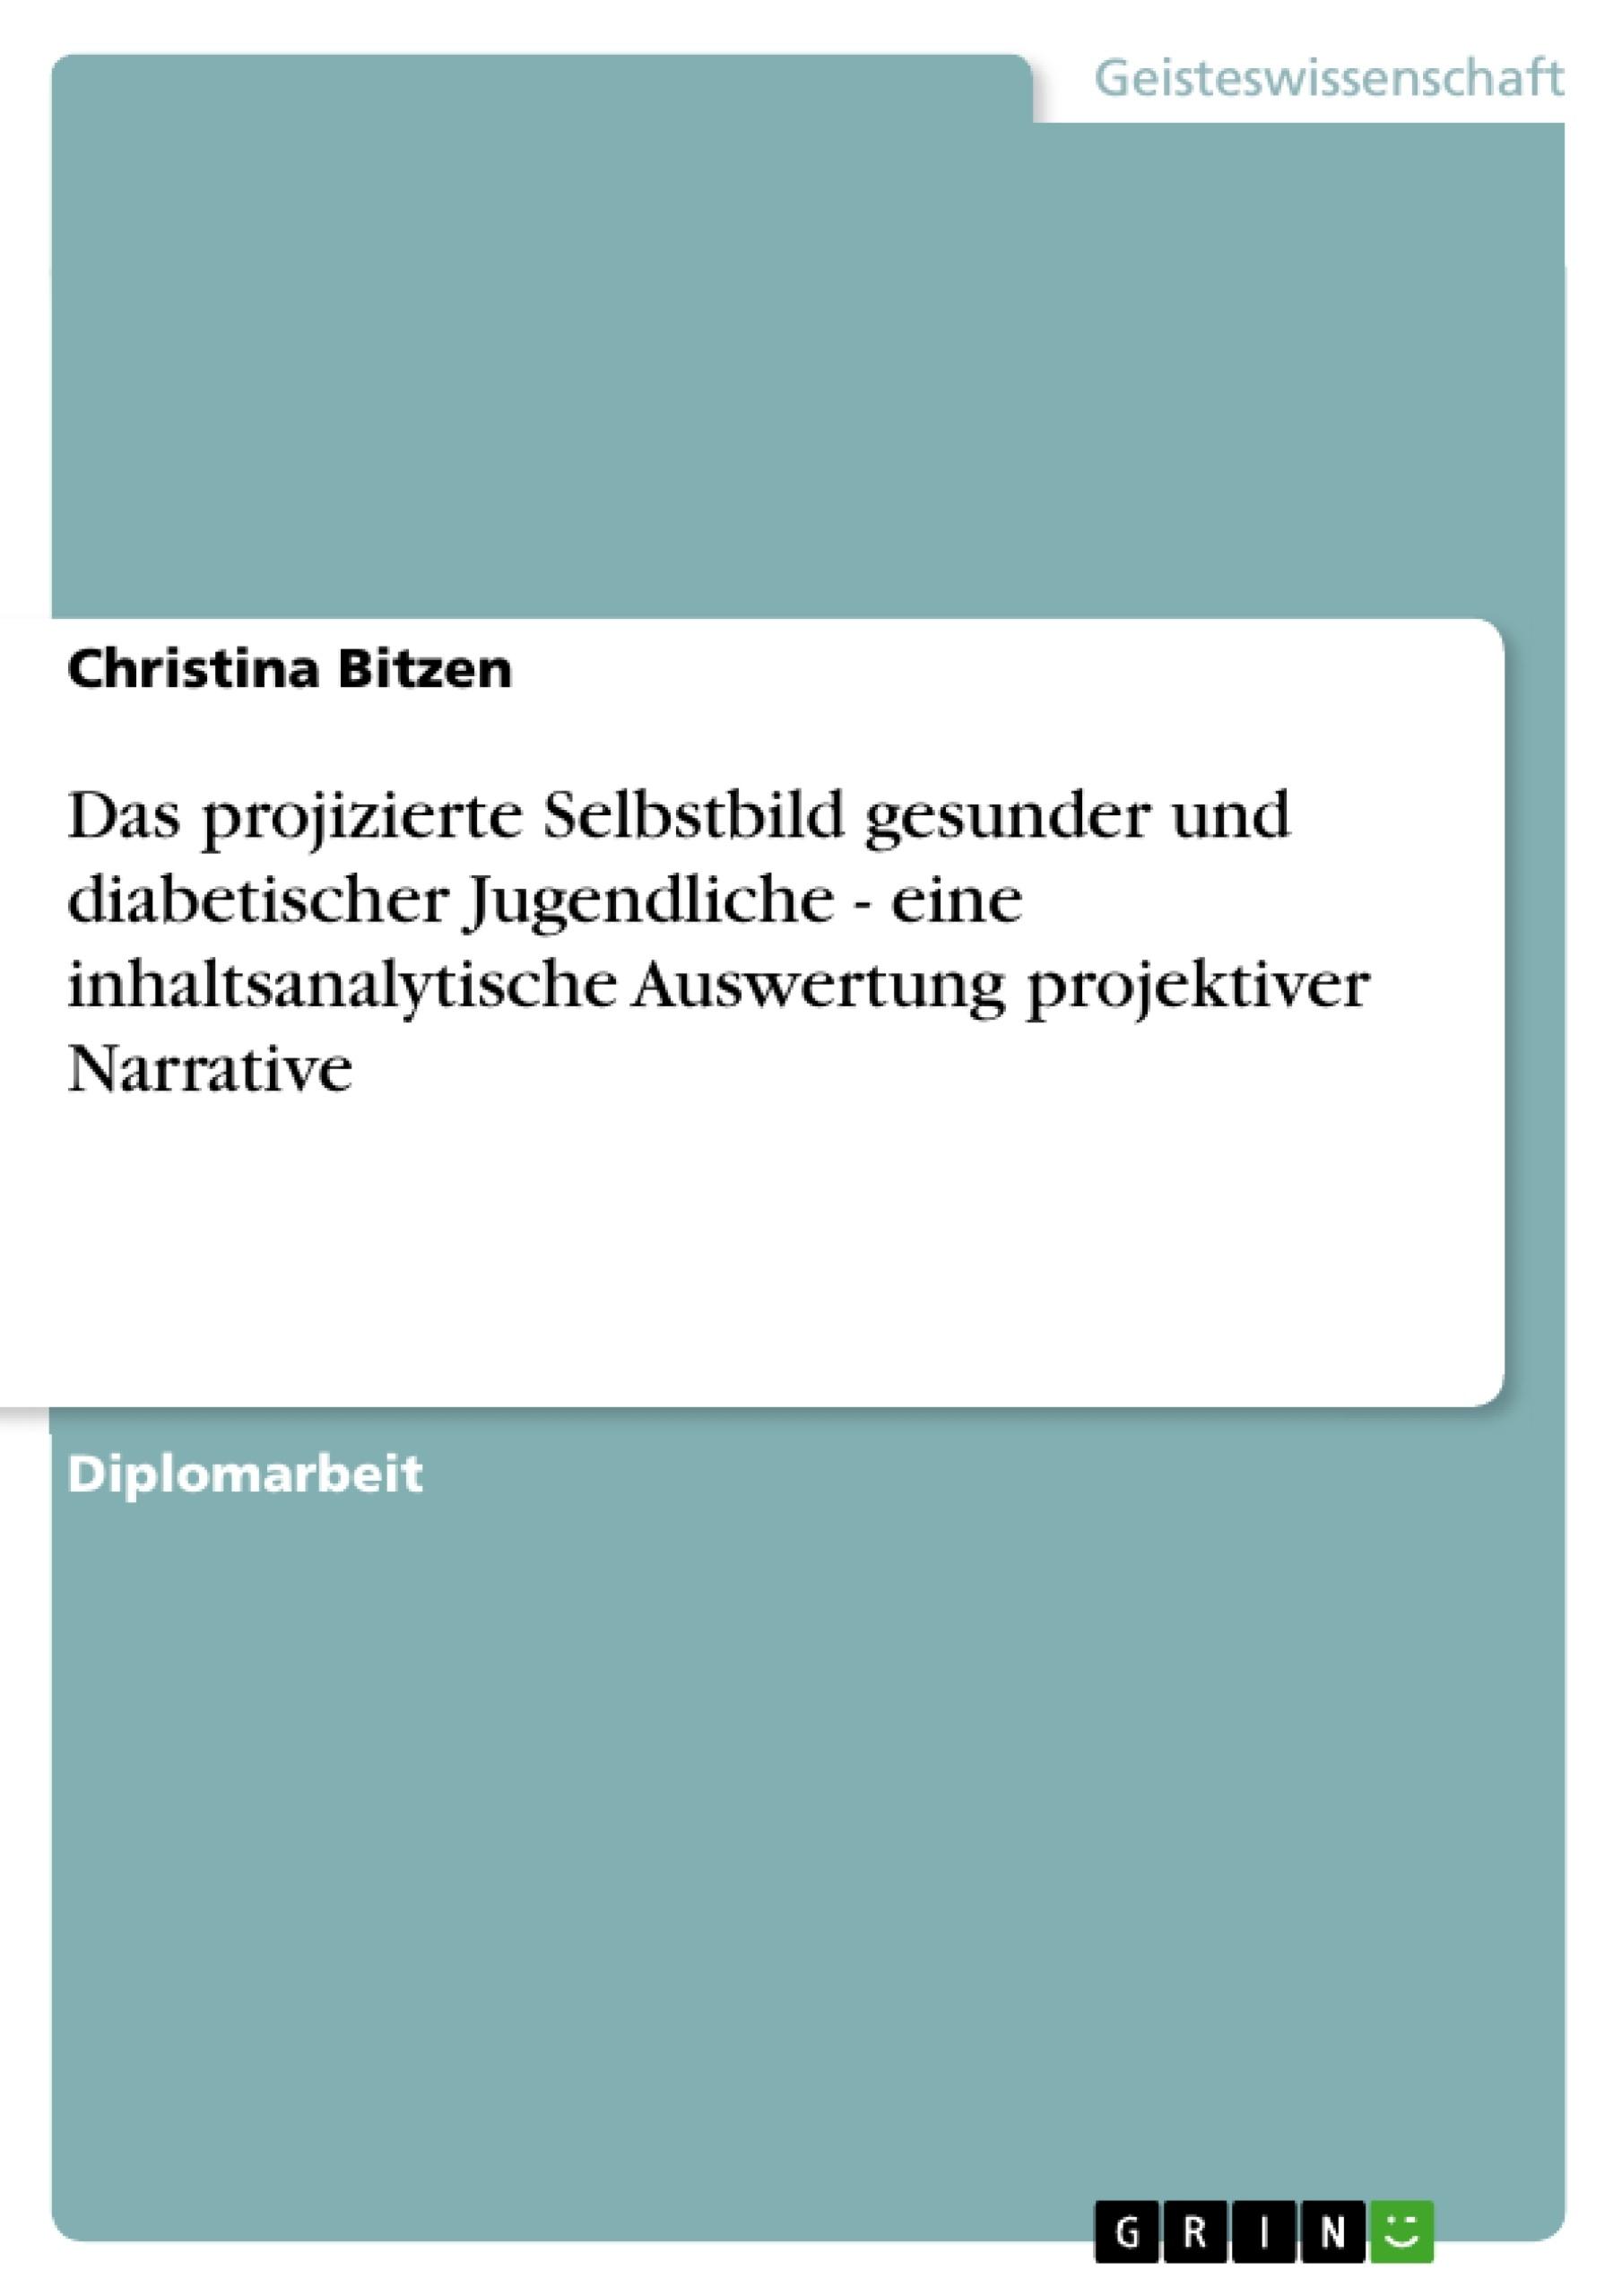 Titel: Das projizierte Selbstbild gesunder und diabetischer Jugendliche - eine inhaltsanalytische Auswertung projektiver Narrative